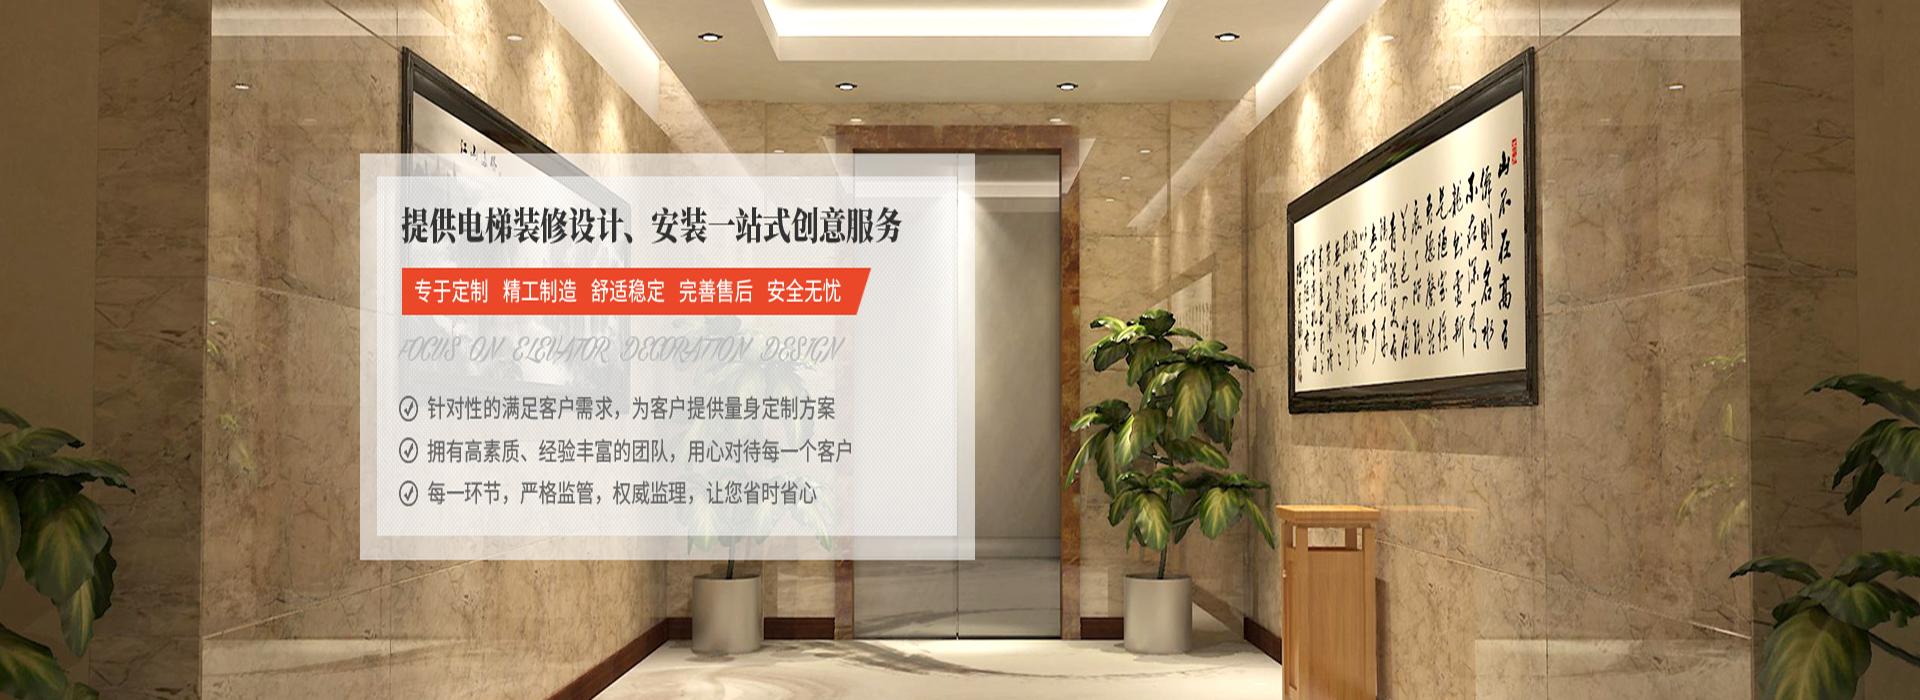 惠州电梯安装